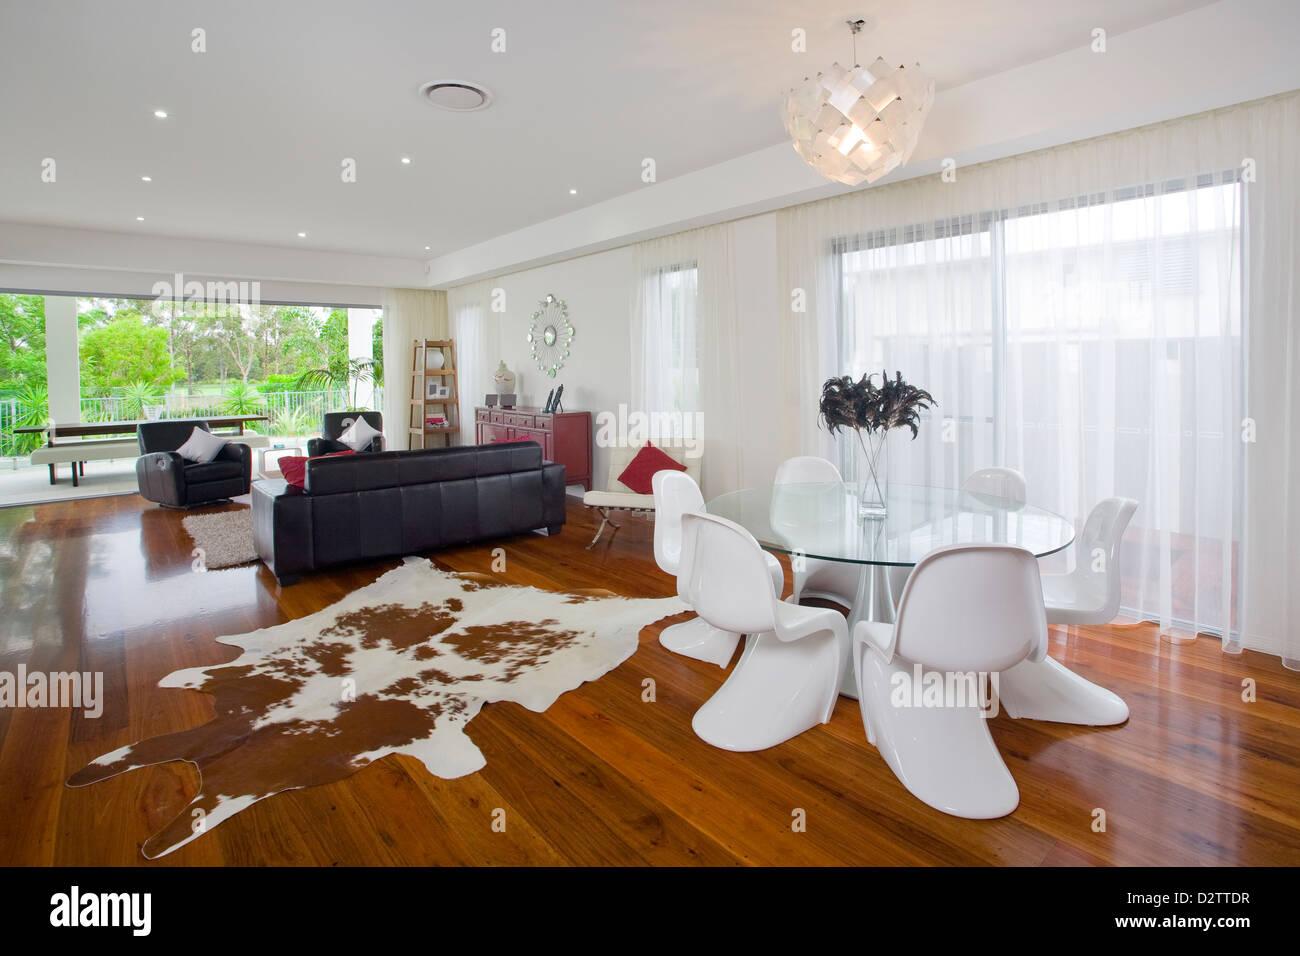 Uberlegen Moderne Wohnzimmer Bilder Australien Design Moderne Wohnzimmer  Ideen 2015 Check More At Charmant Fein Modernes Wohnzimmer Australien Fotos  Die.